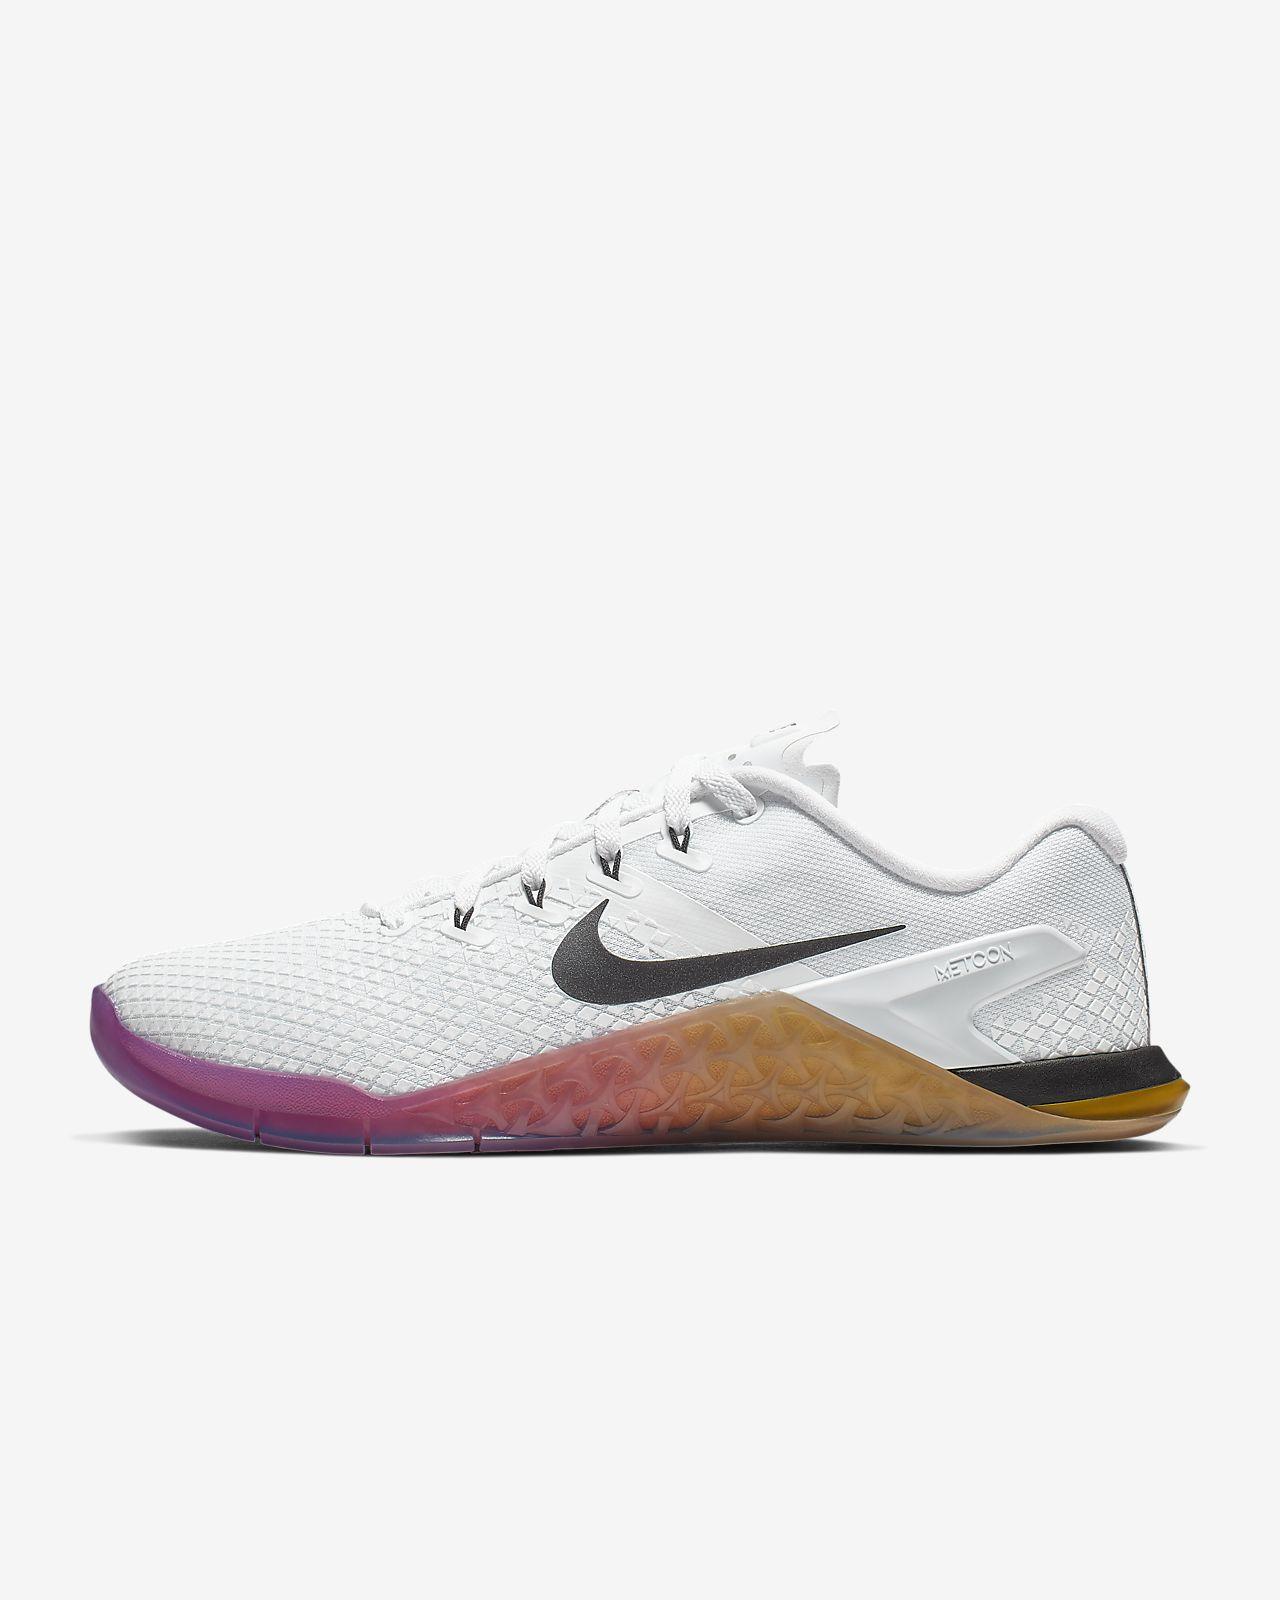 Nike Metcon 4 XD-crosstrænings-/vægtløftningssko til kvinder